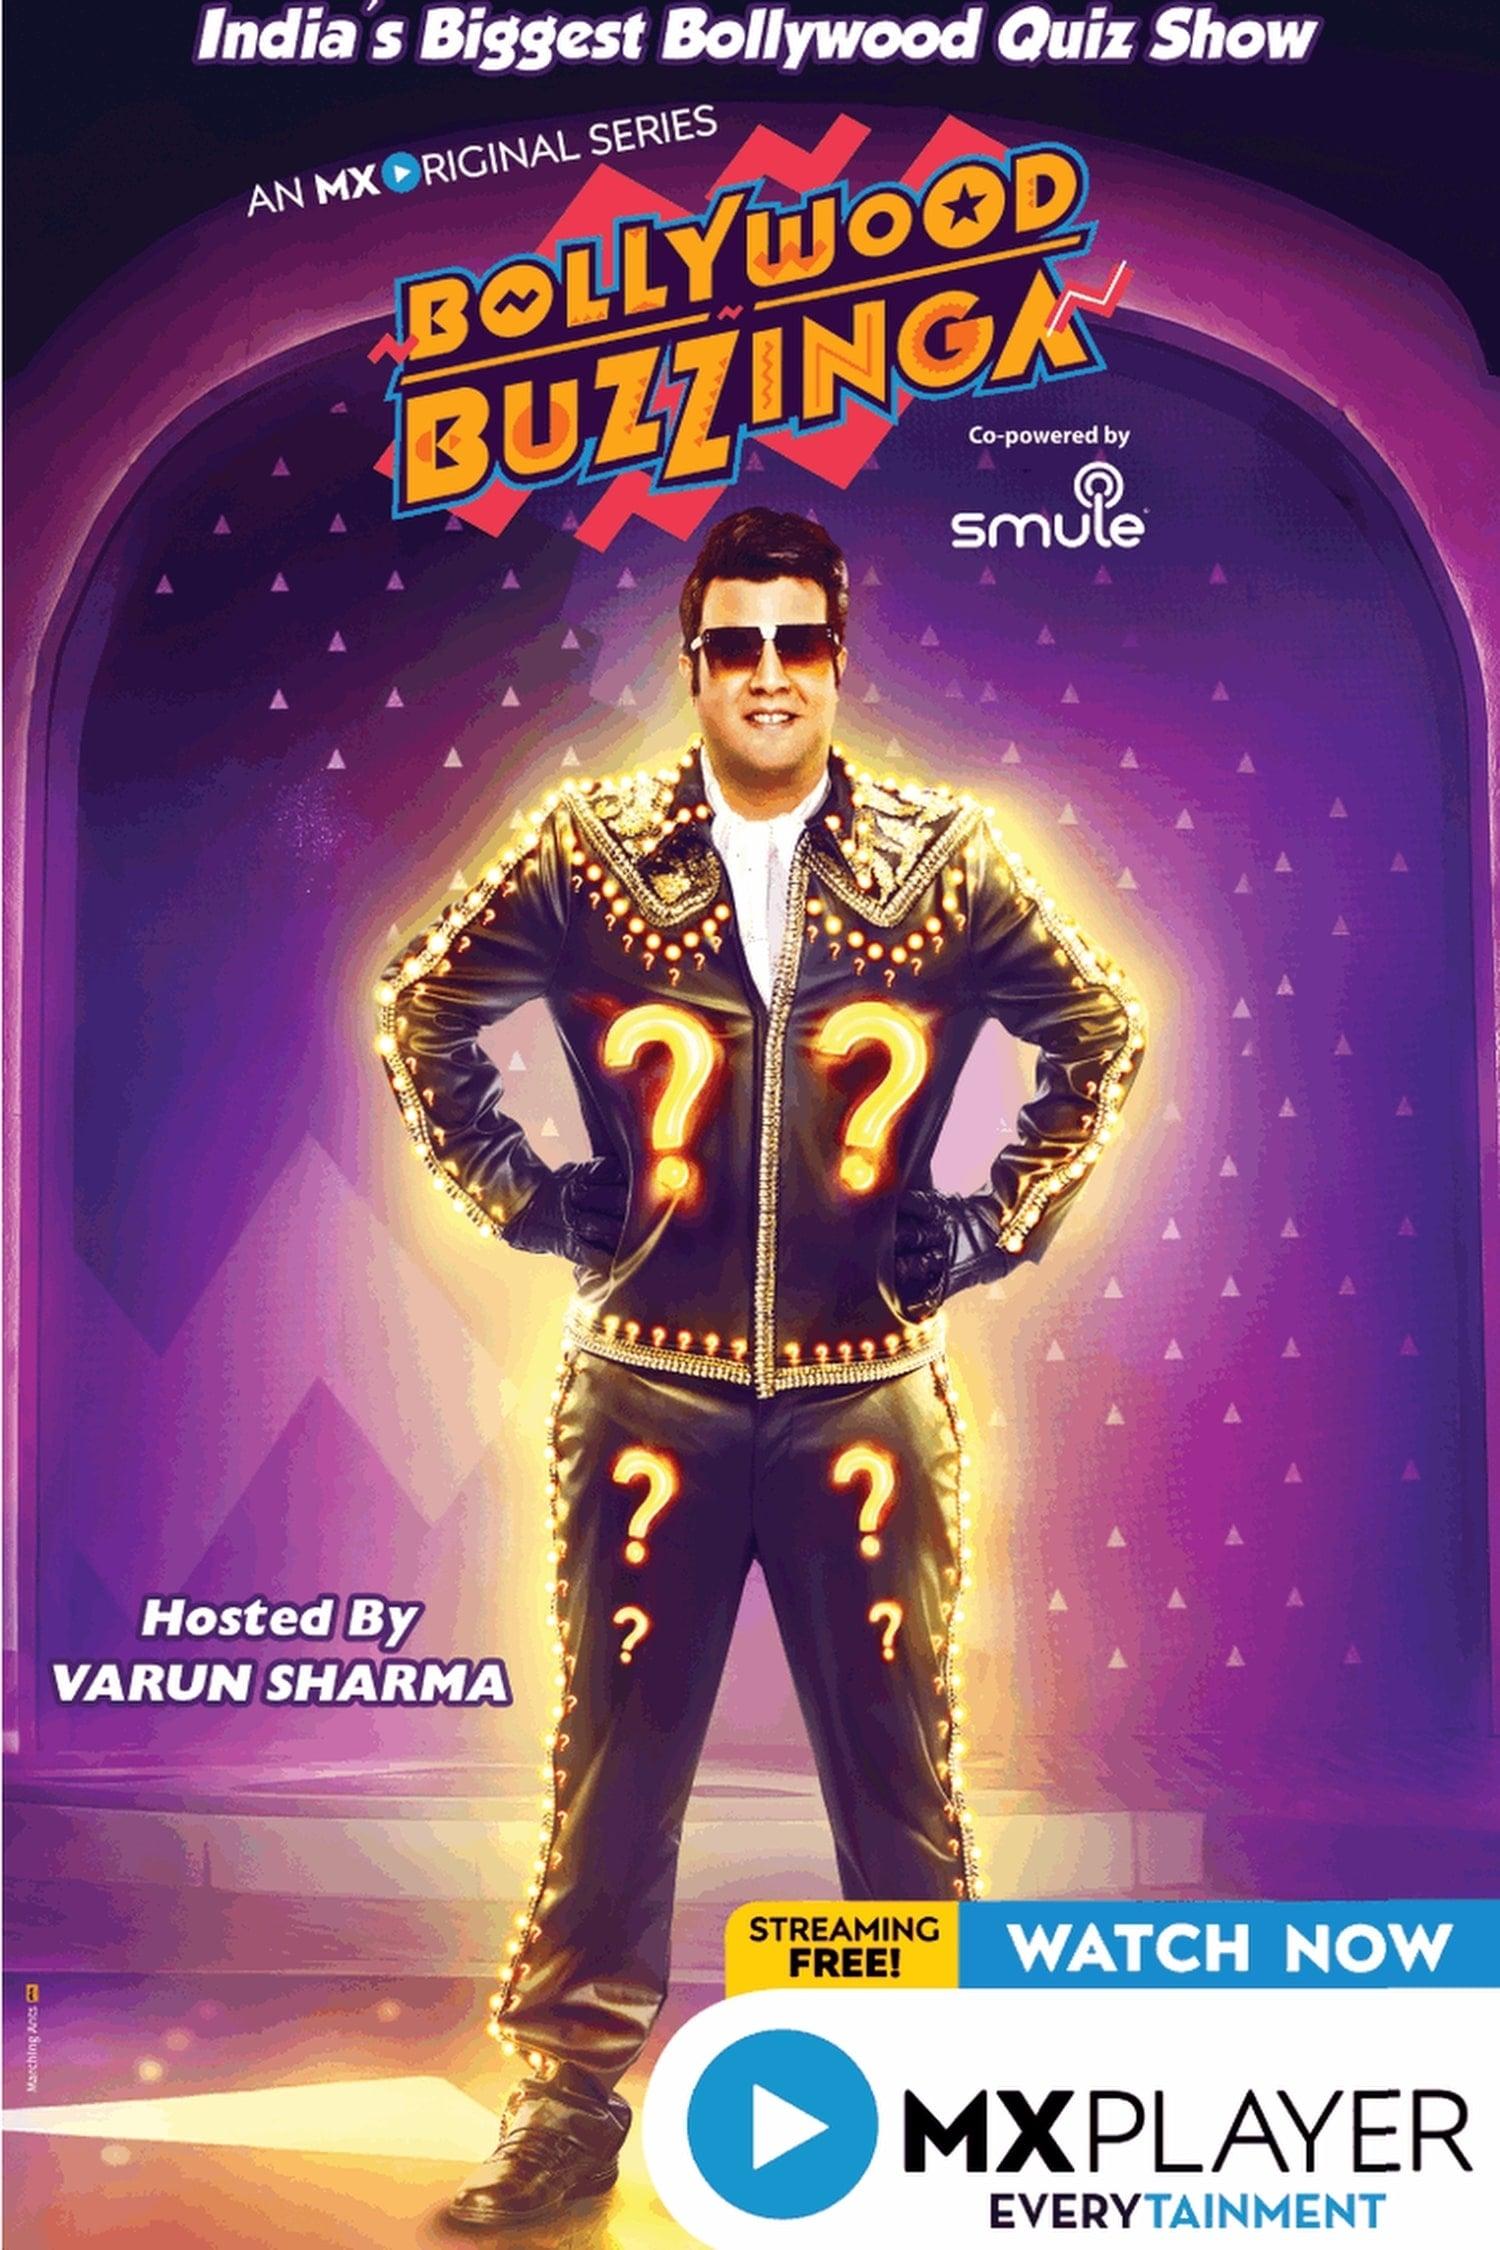 Bollywood Buzzinga (2019)